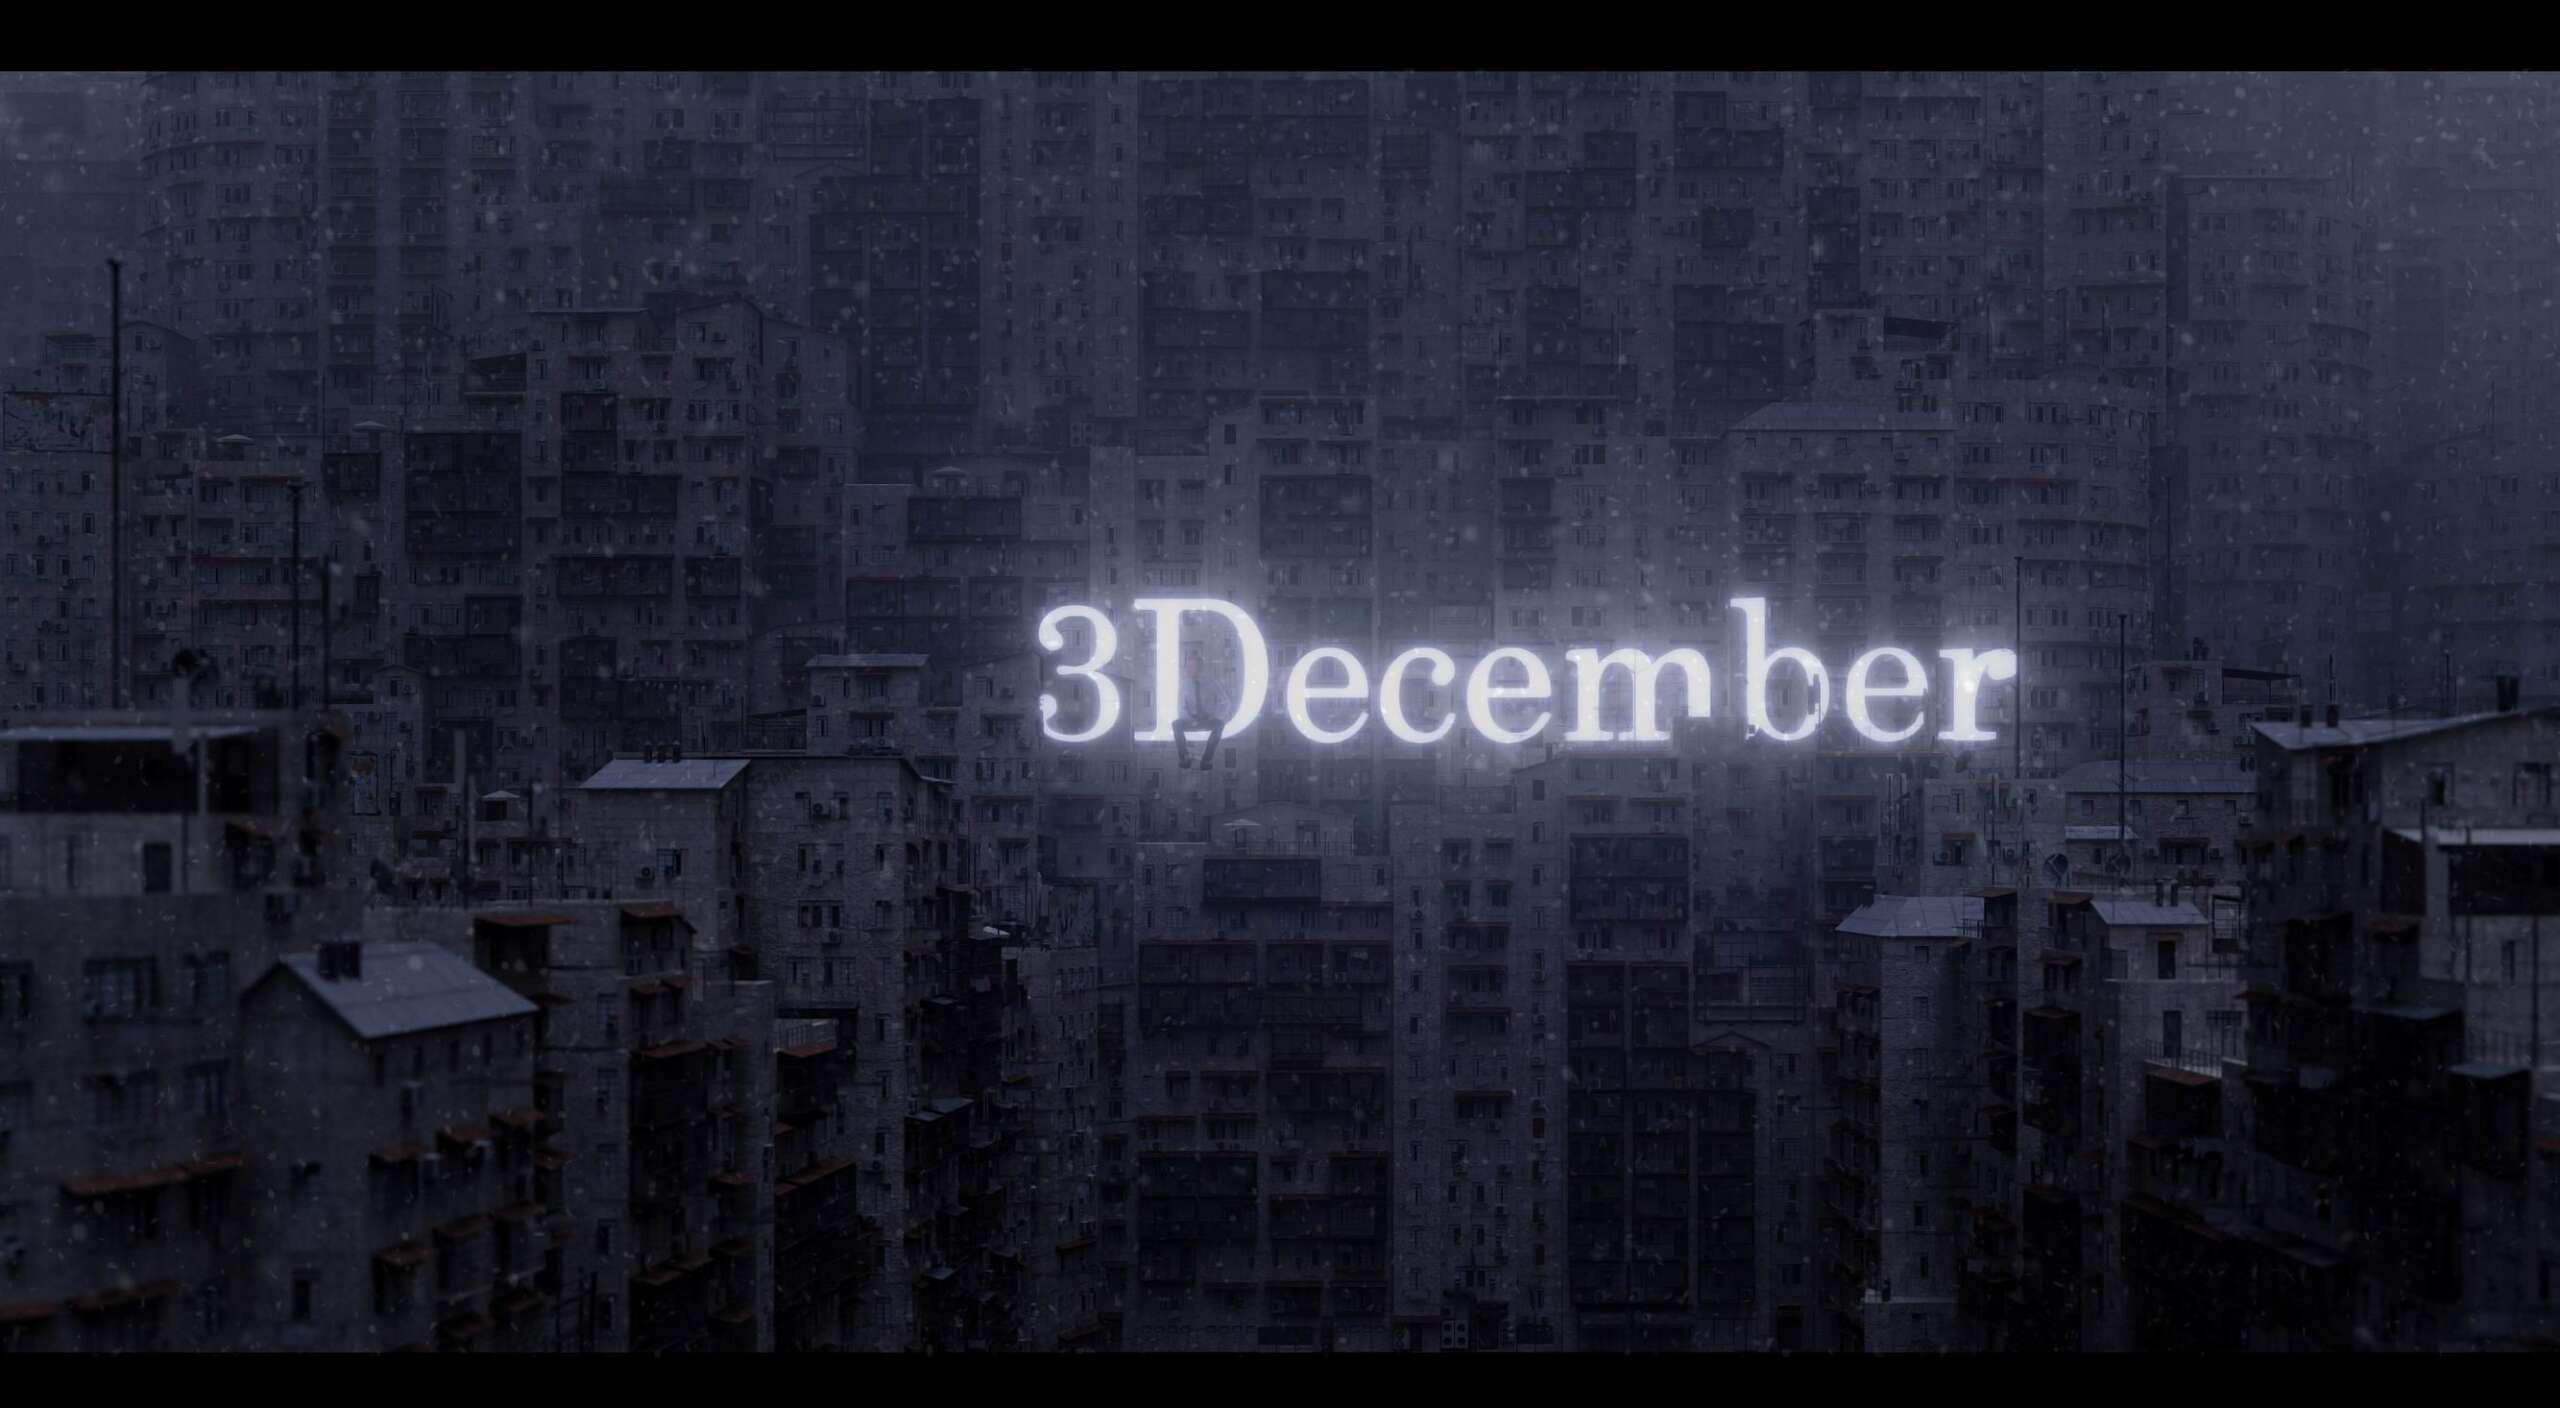 Дизайнеры и пестициды: какой сегодня праздник и день ангела 3 декабря - фото 2